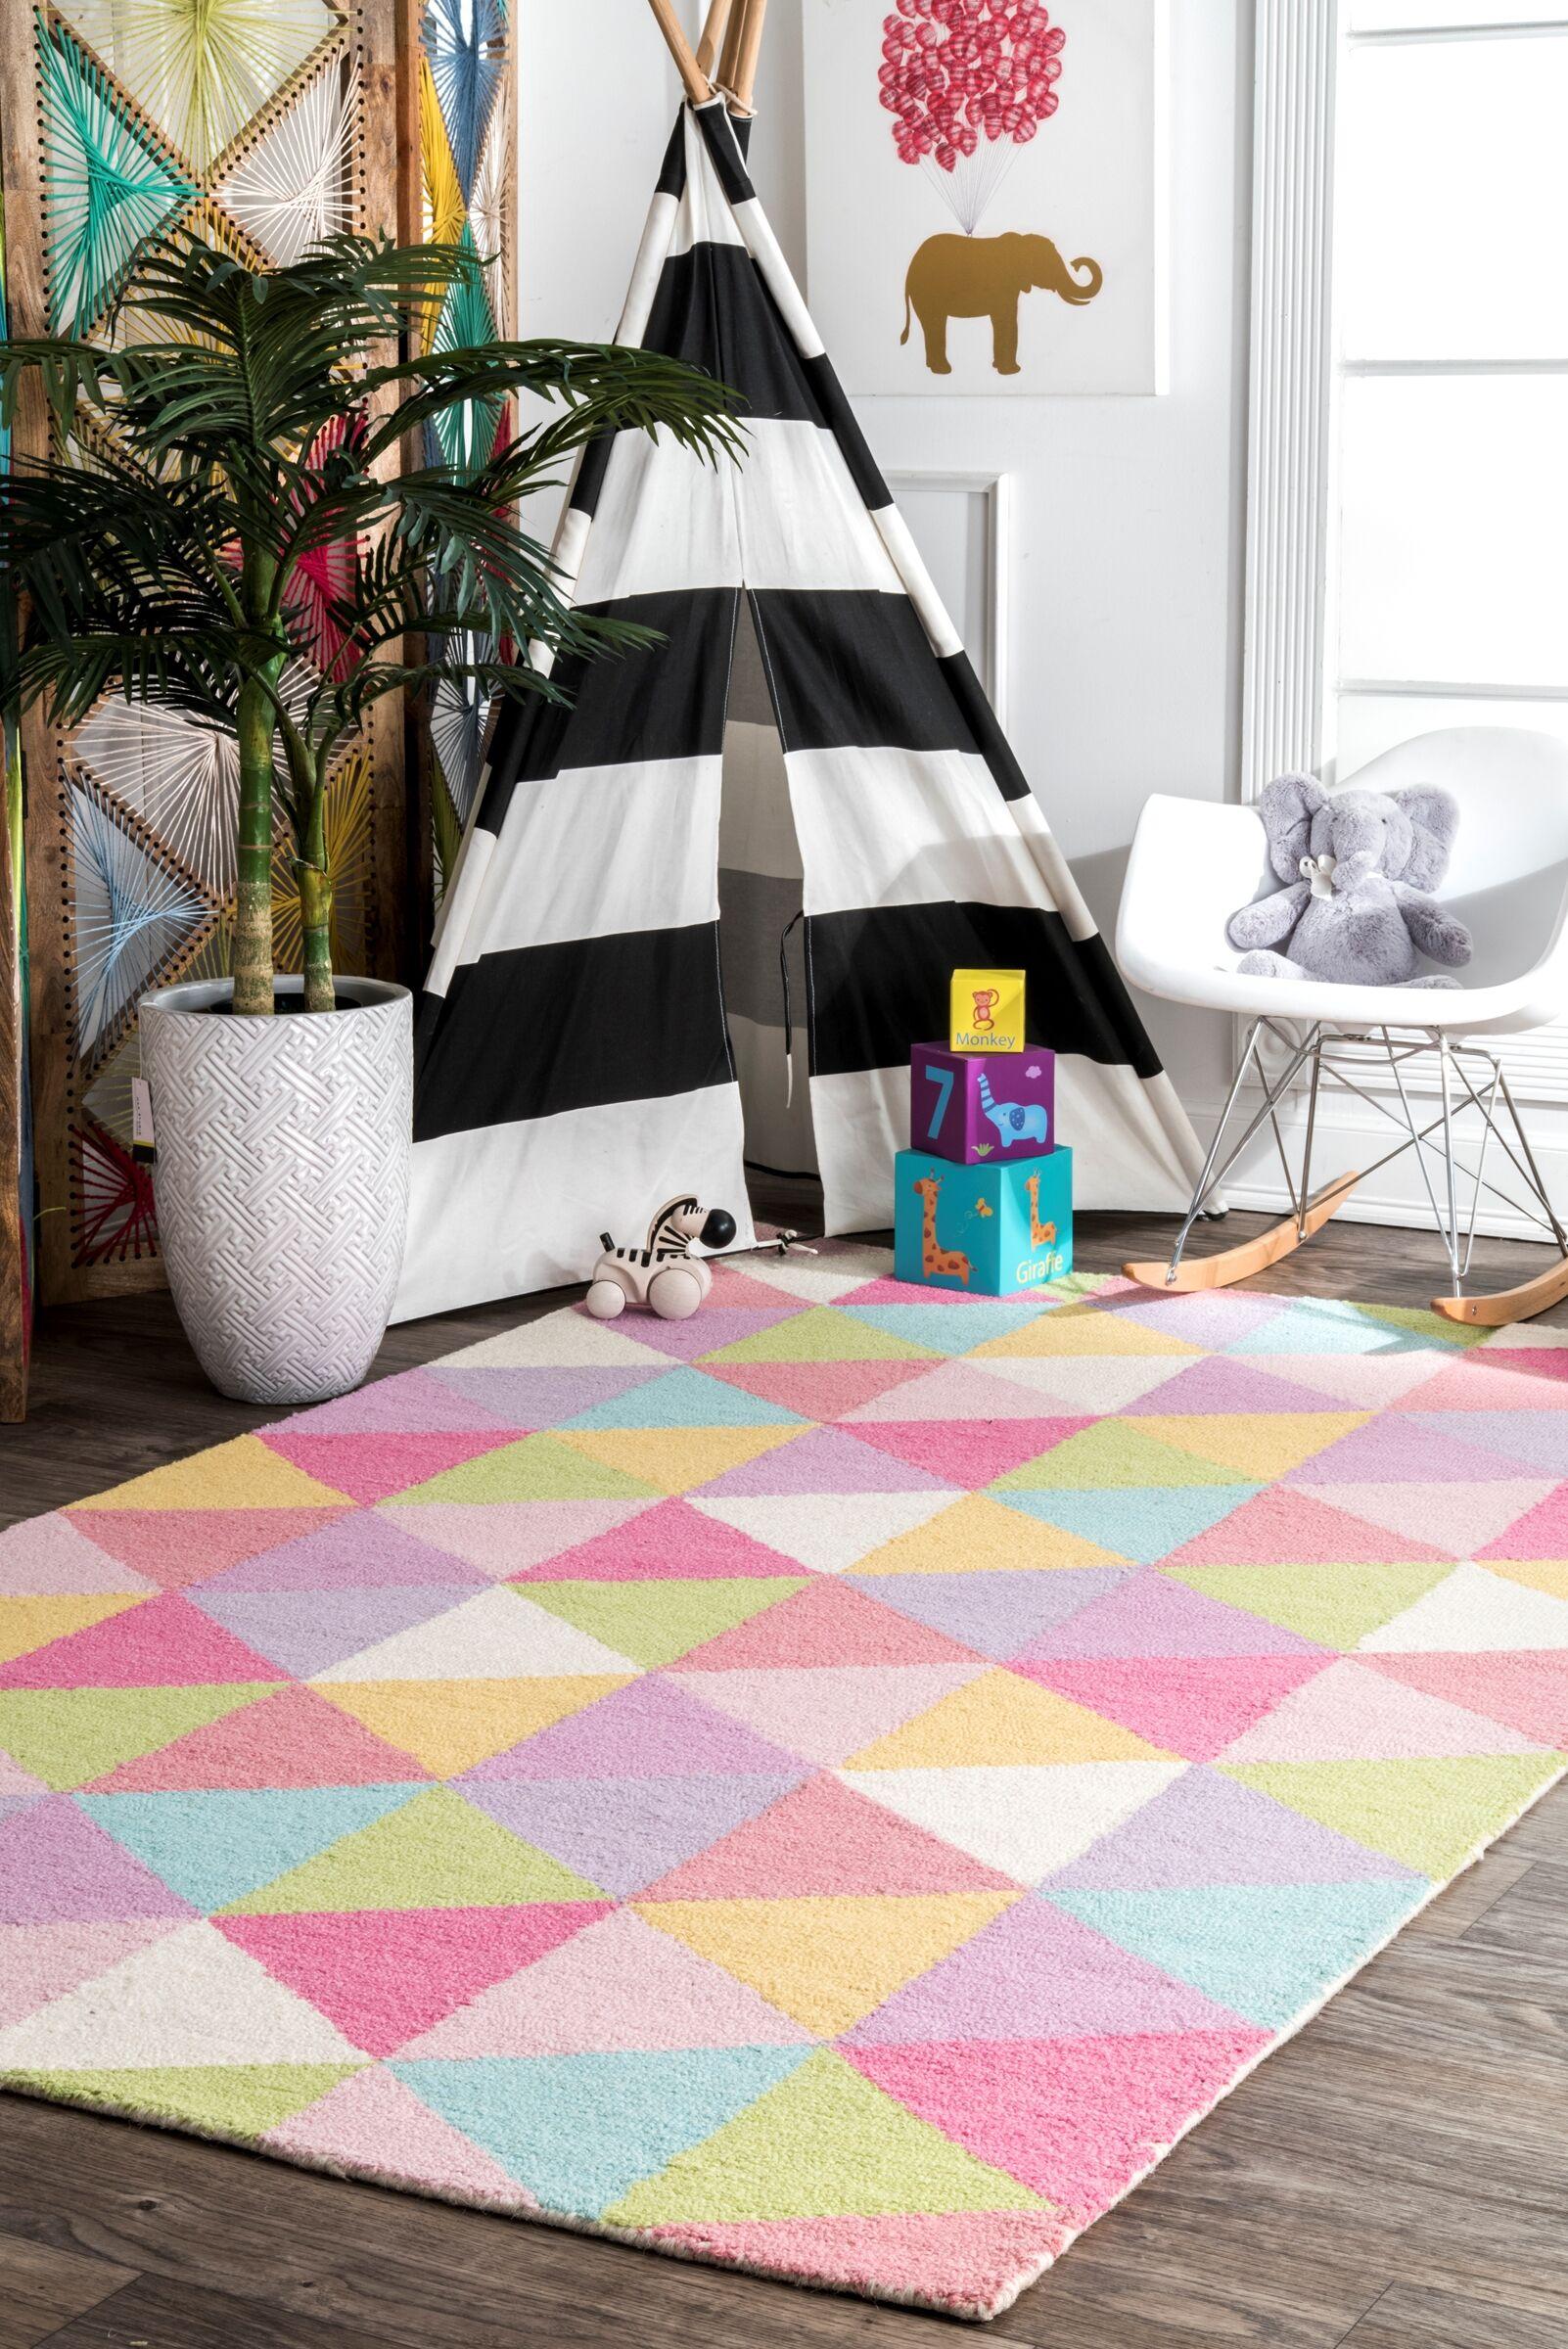 Doughton Hand-Hooked Wool Pink/Yellow Area Rug Rug Size: Rectangle 5' x 8'